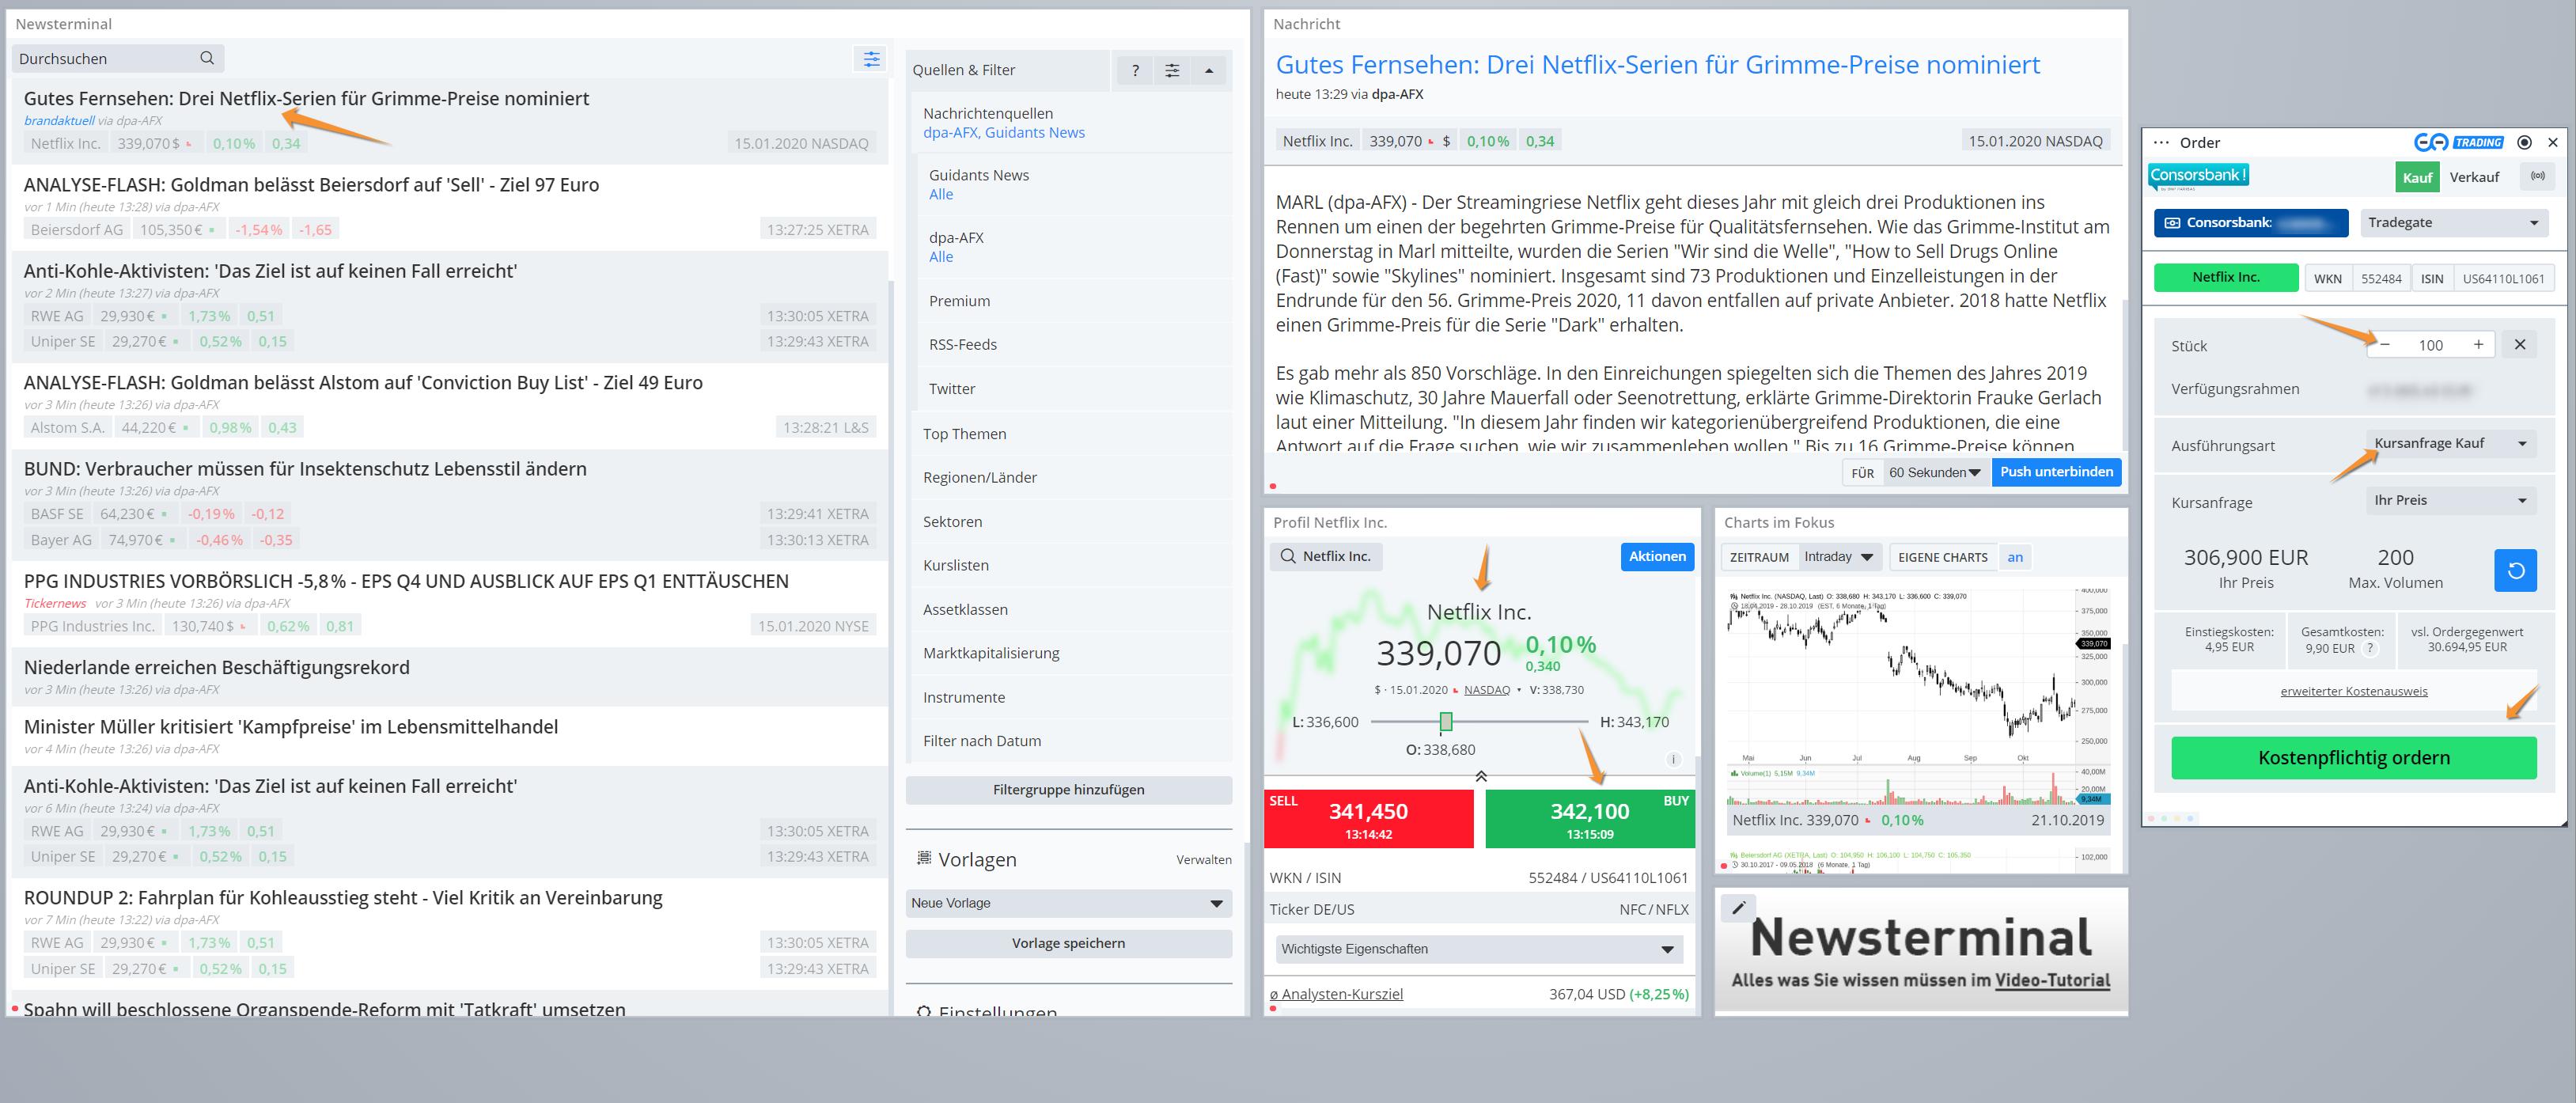 Mit-zwei-Klicks-zum-Trade-Wie-man-nur-noch-eine-einzige-Börsen-Plattform-für-alles-braucht-Daniel-Kühn-GodmodeTrader.de-6